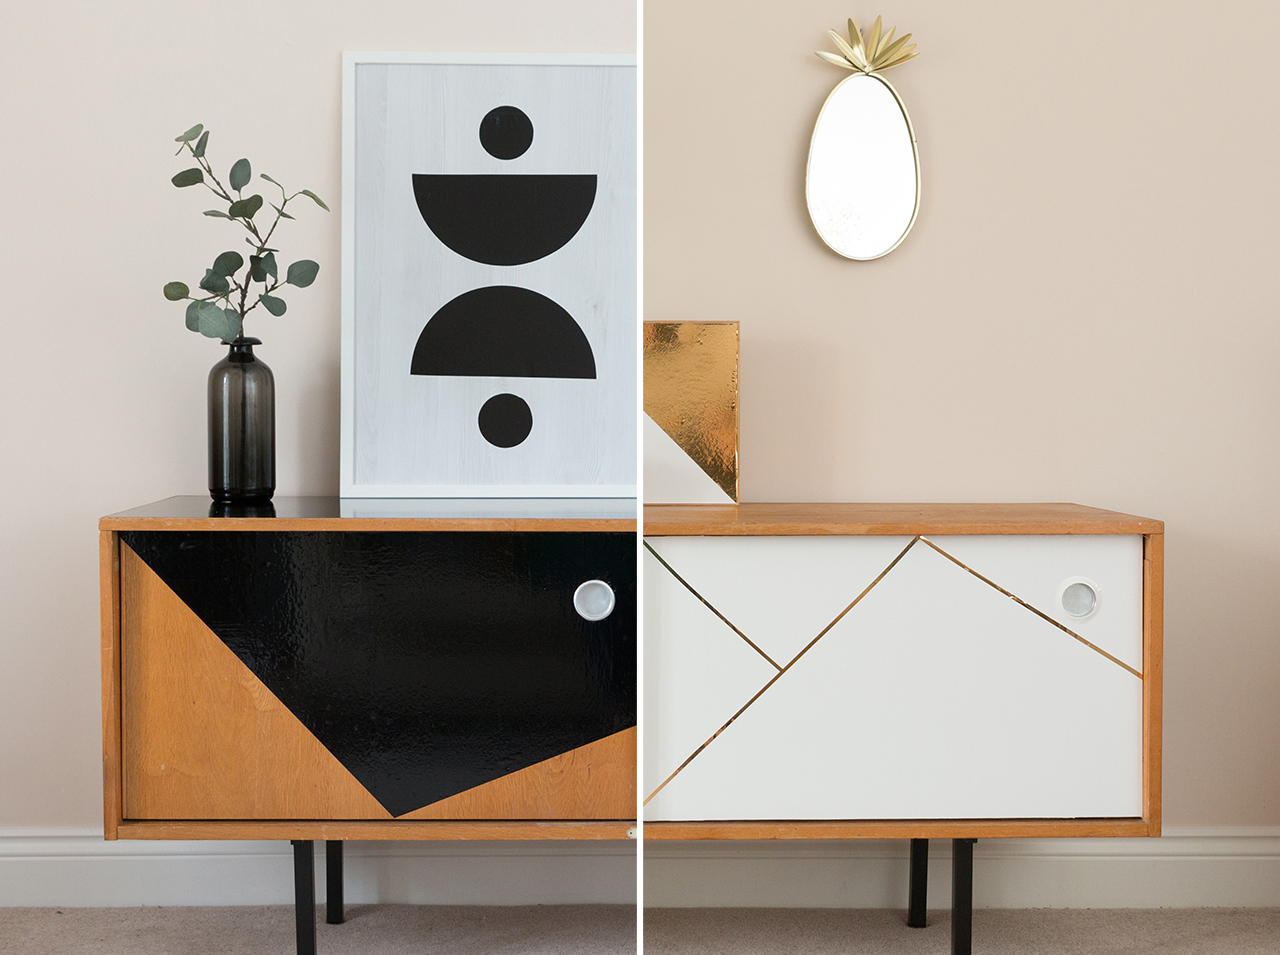 dcfix Möbel Klebefolie Dekofolie DIY Deko Wohnzimmer Sideboard